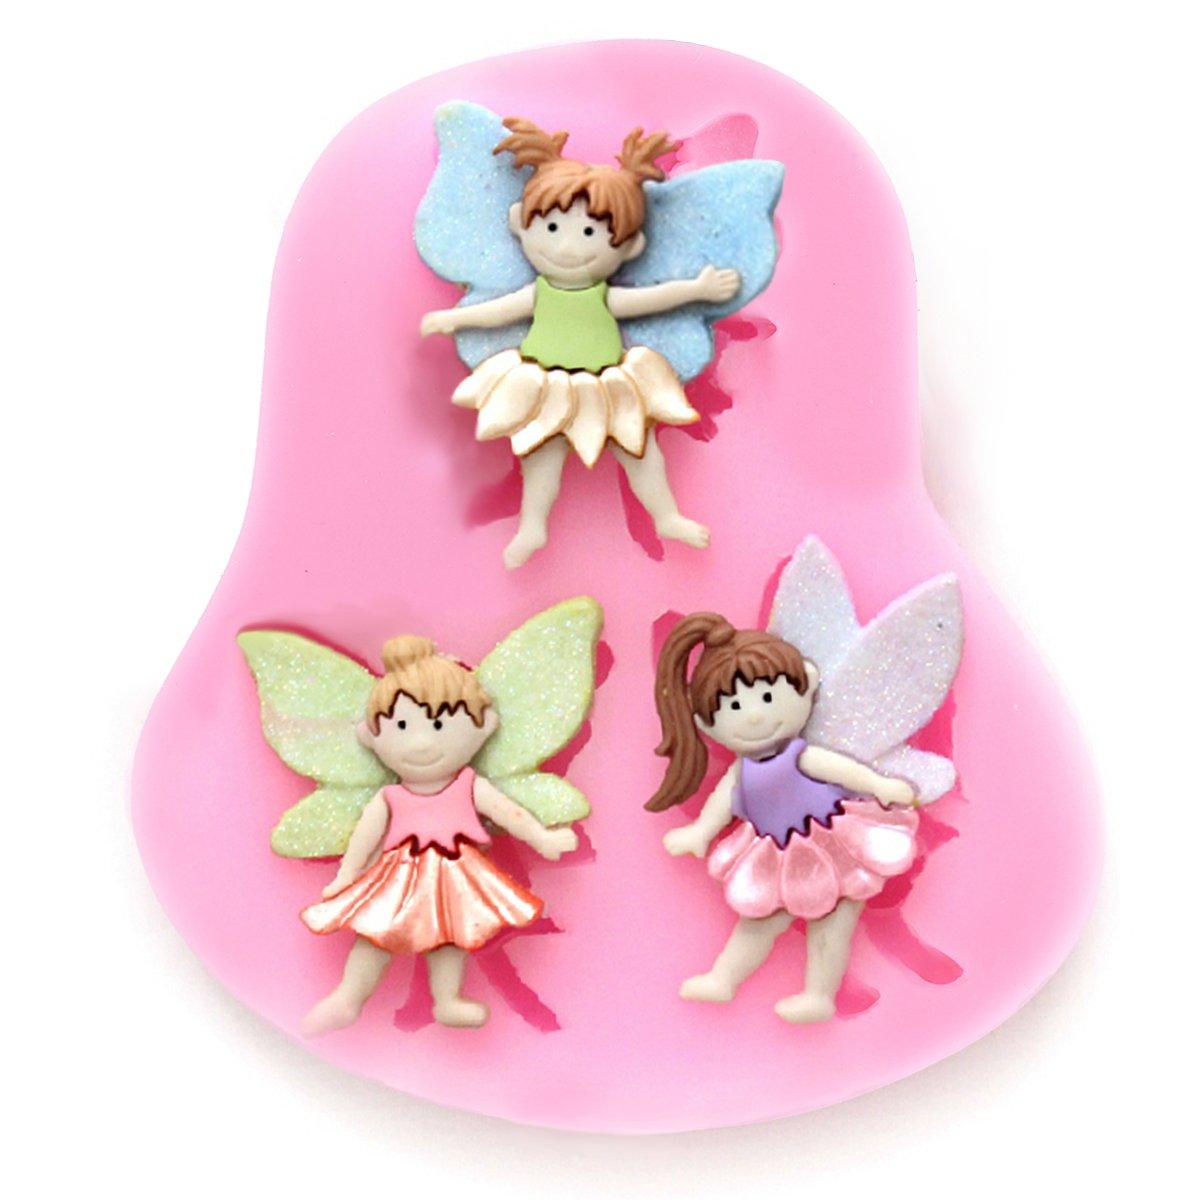 elf fairy Silicone Fondant Cake Sugarcraft Decorating Mould Tools Surepromise NWIDEKKFNK780